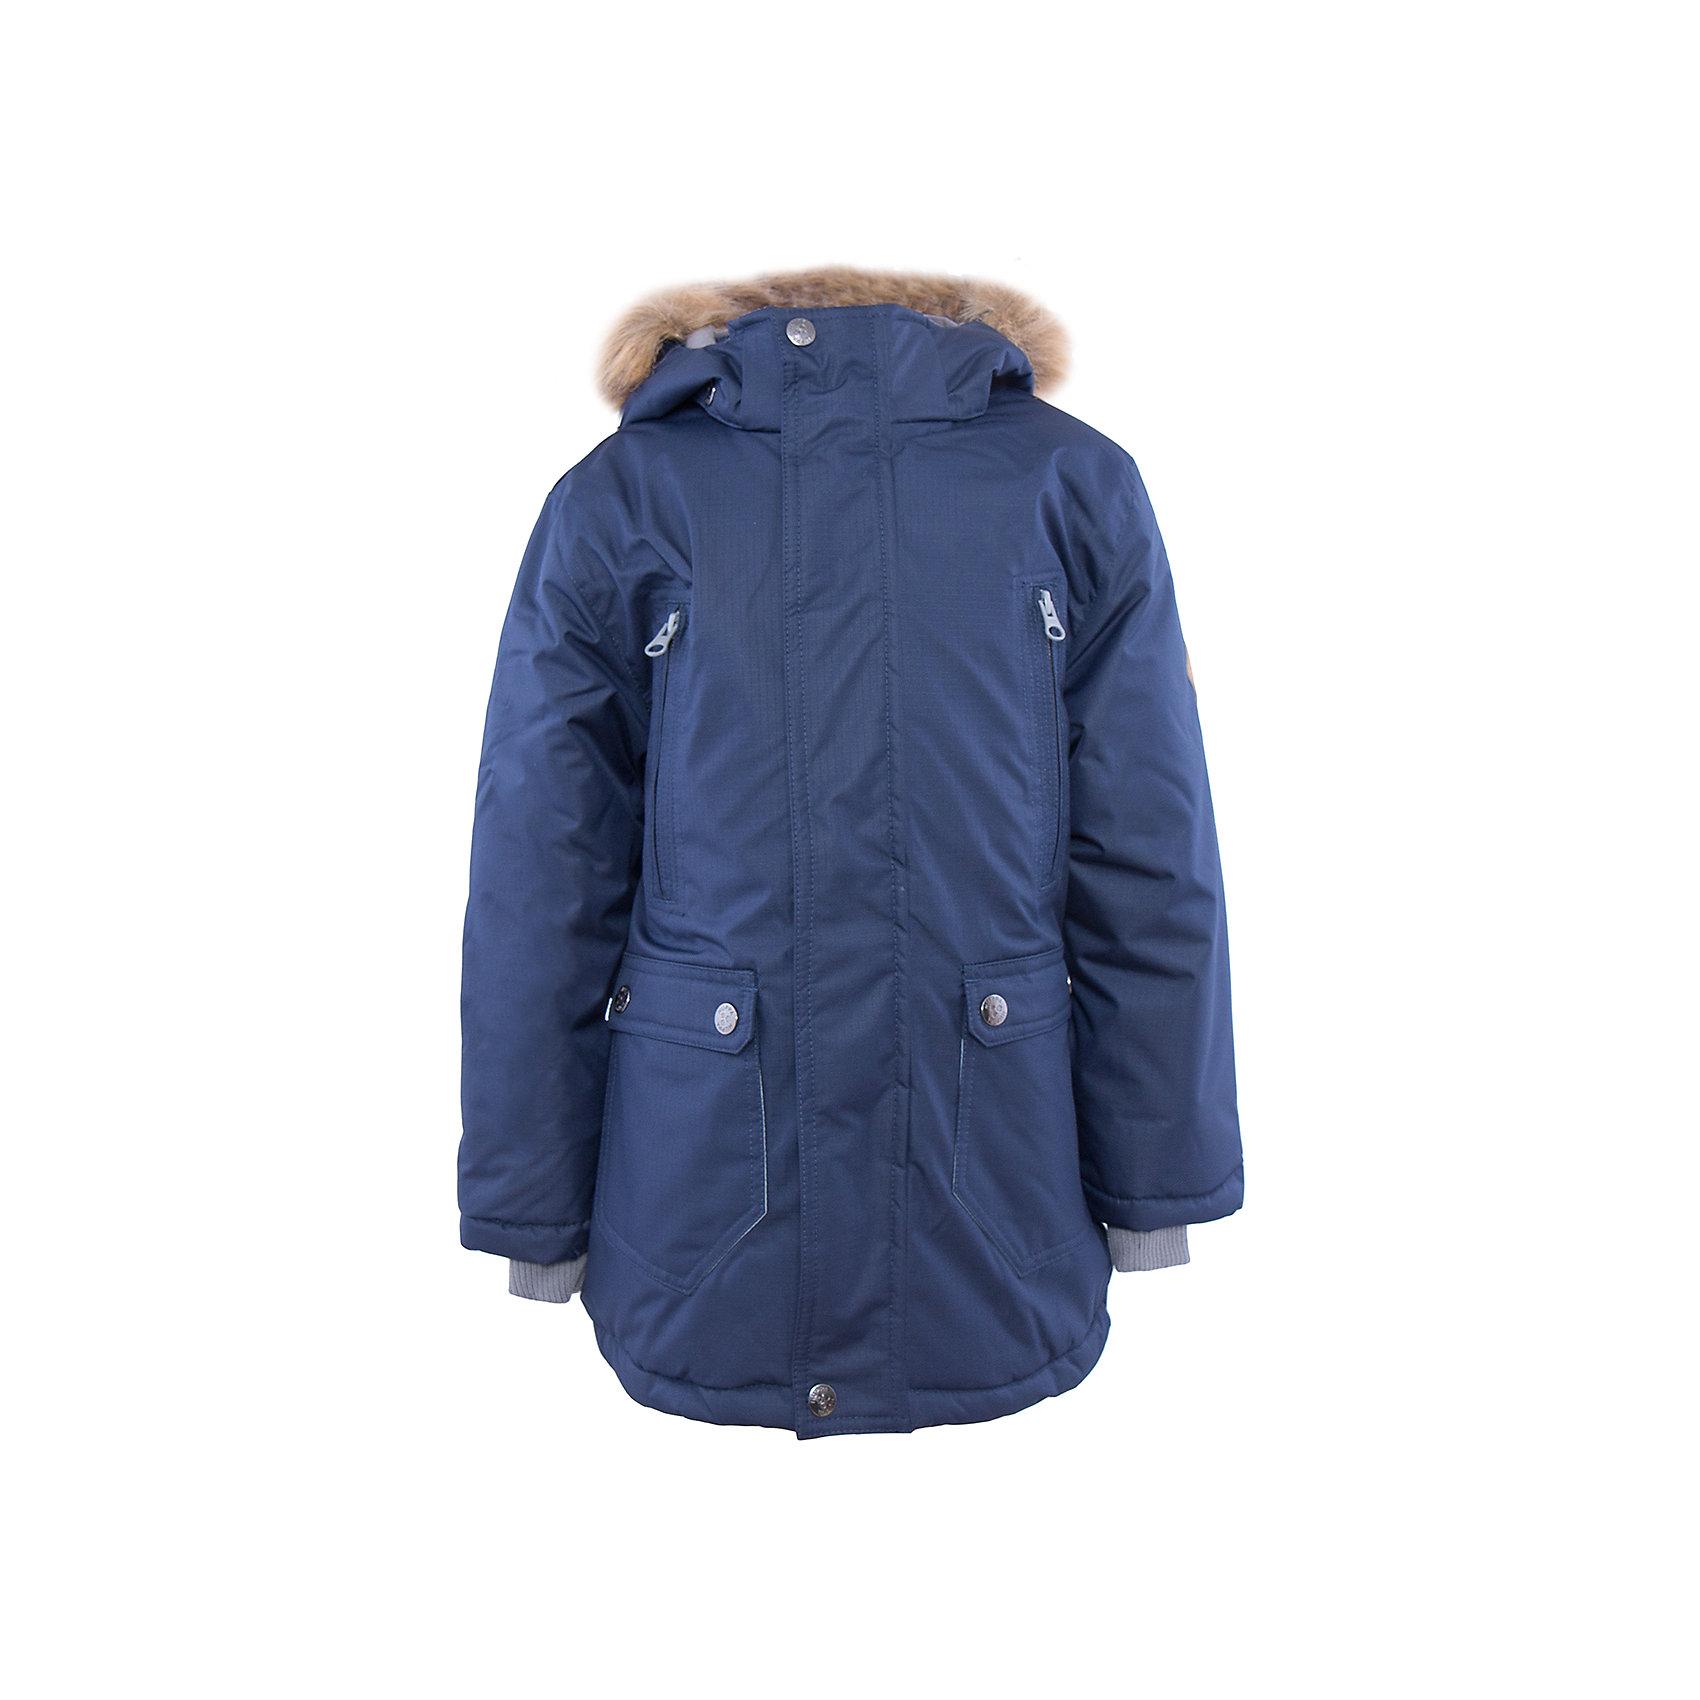 Куртка   для мальчика HuppaЗимние куртки<br>Стильная куртка VESPER Huppa(Хуппа).<br><br>Утеплитель: 100% полиэстер, 300 гр.<br><br>Температурный режим: до -30 градусов. Степень утепления – высокая. <br><br>* Температурный режим указан приблизительно — необходимо, прежде всего, ориентироваться на ощущения ребенка. Температурный режим работает в случае соблюдения правила многослойности – использования флисовой поддевы и термобелья.<br><br>Очень теплая и водонепроницаемая. Отличный выбор для долгих зимних прогулок!<br><br>Особенности:<br>-водоотталкивающая мембрана выводит лишнюю влагу<br>-утеплитель HuppaTherm прекрасно сохраняет объем, легко стирается и быстро высыхает <br>-проклеенные водостойкой лентой швы, обеспечат максимальную водонепроницаемость<br>-светоотражающие элементы уменьшают вероятность несчастных случаев в темное время суток<br>-капюшон с отстегивающимся мехом<br><br>Дополнительная информация:<br>Материал: 100% полиэстер<br>Подкладка: тафта, pritex - 100% полиэстер<br>Цвет: темно-синий<br><br>Куртку VESPER Huppa(Хуппа) вы можете купить в нашем интернет-магазине.<br><br>Ширина мм: 356<br>Глубина мм: 10<br>Высота мм: 245<br>Вес г: 519<br>Цвет: синий<br>Возраст от месяцев: 36<br>Возраст до месяцев: 48<br>Пол: Мужской<br>Возраст: Детский<br>Размер: 104,170,110,116,122,128,134,140,146,152,158,164<br>SKU: 4928228